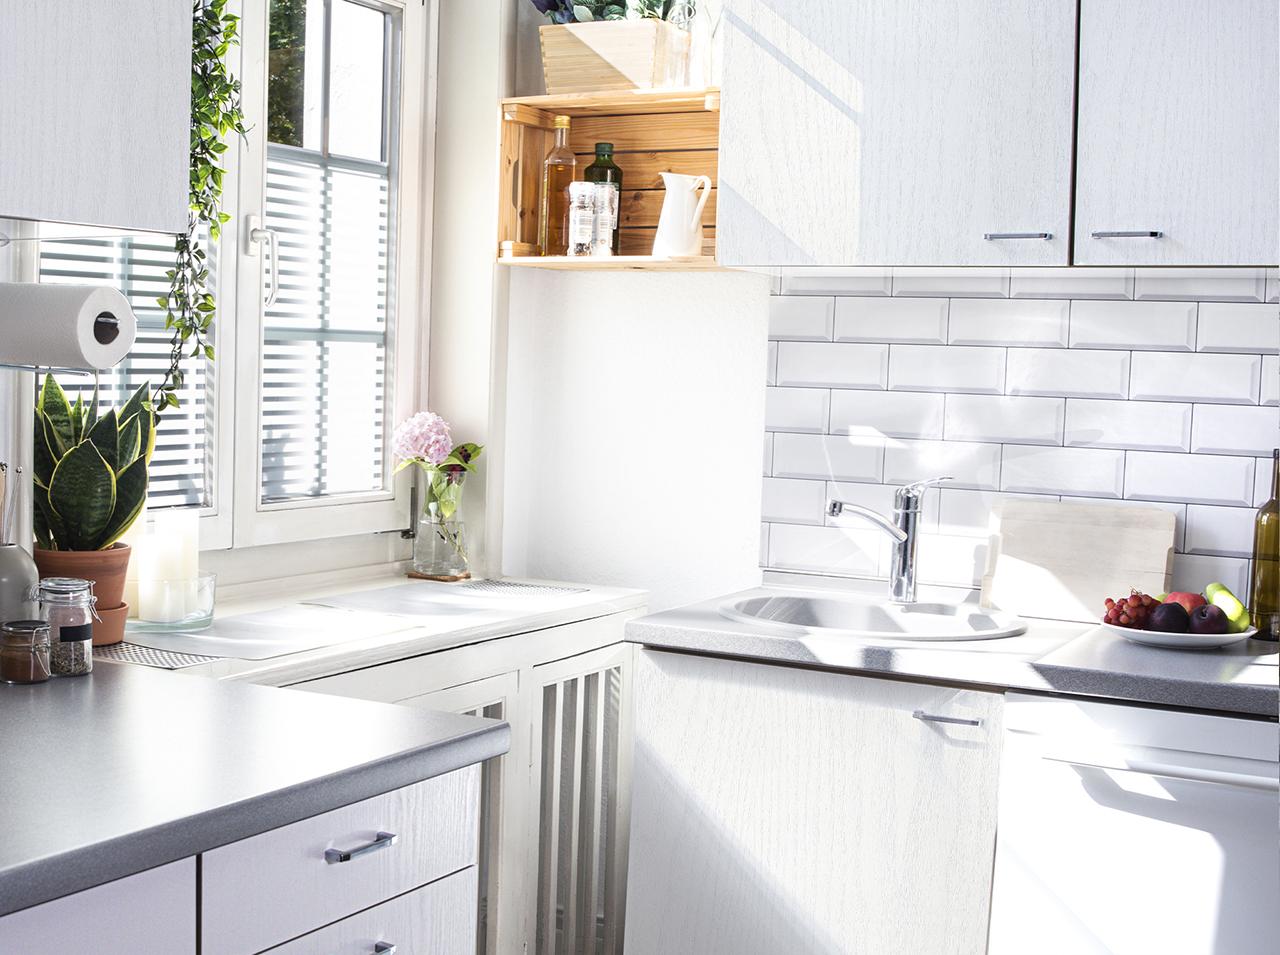 Upravte svou kuchyň pomocí d-c-fix